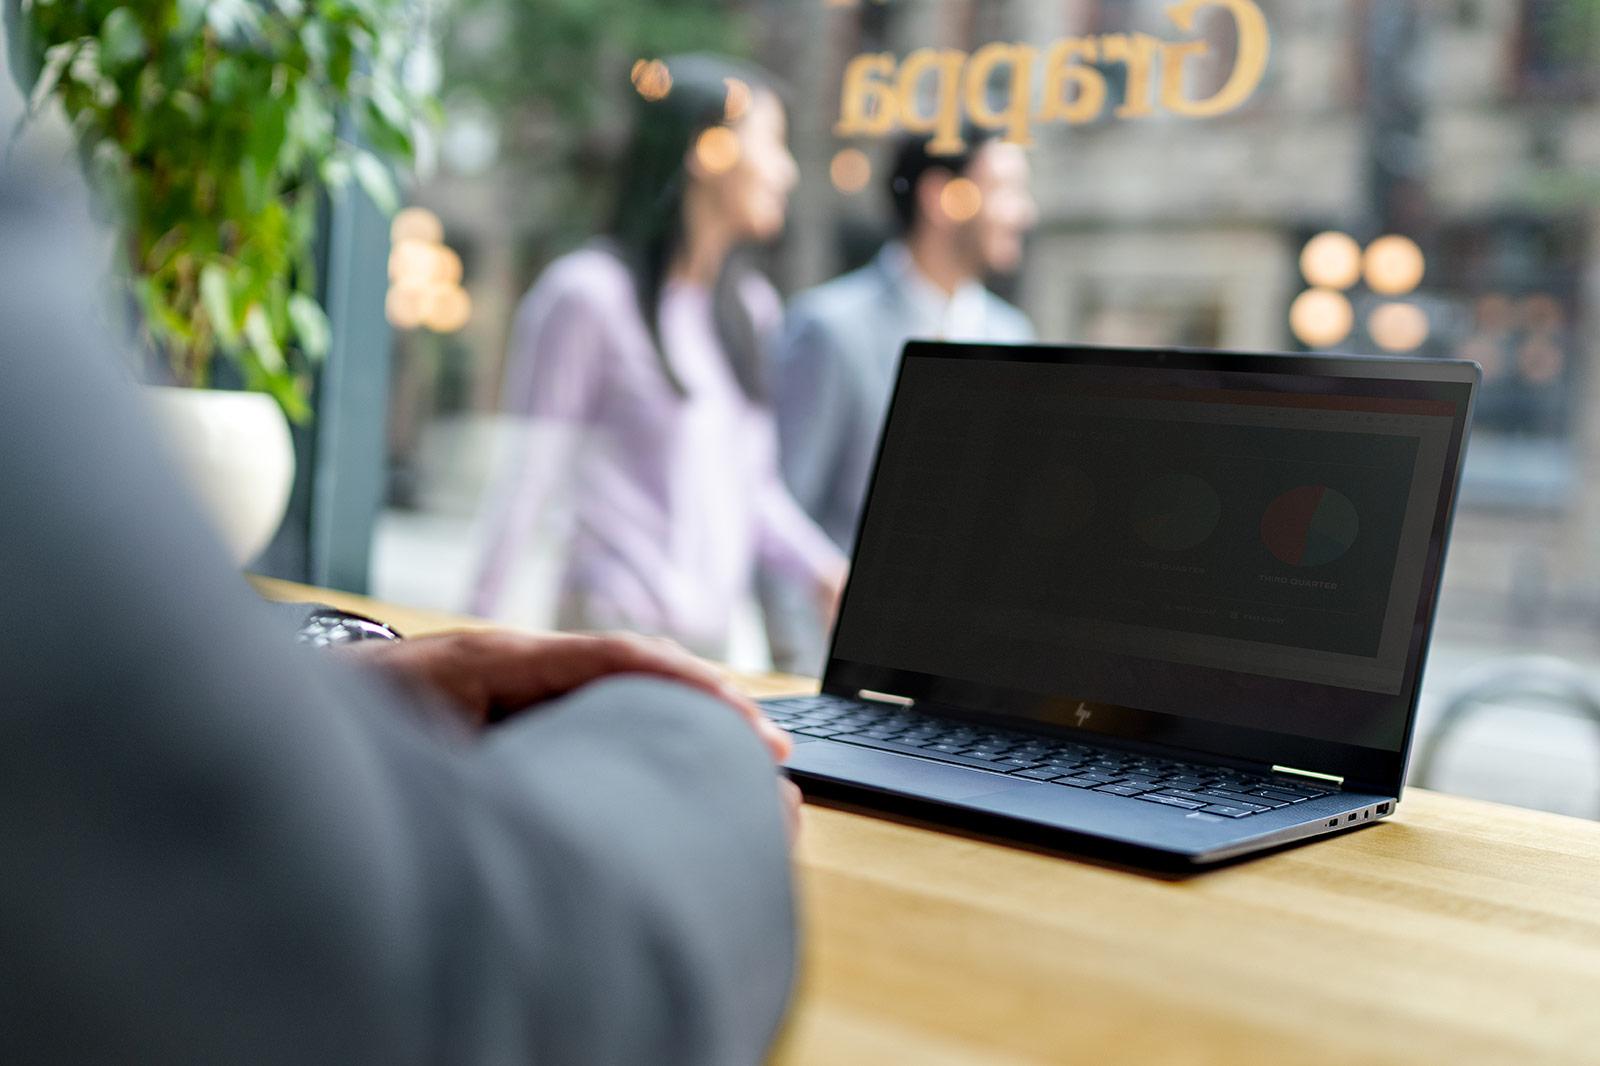 Laptop mode to work